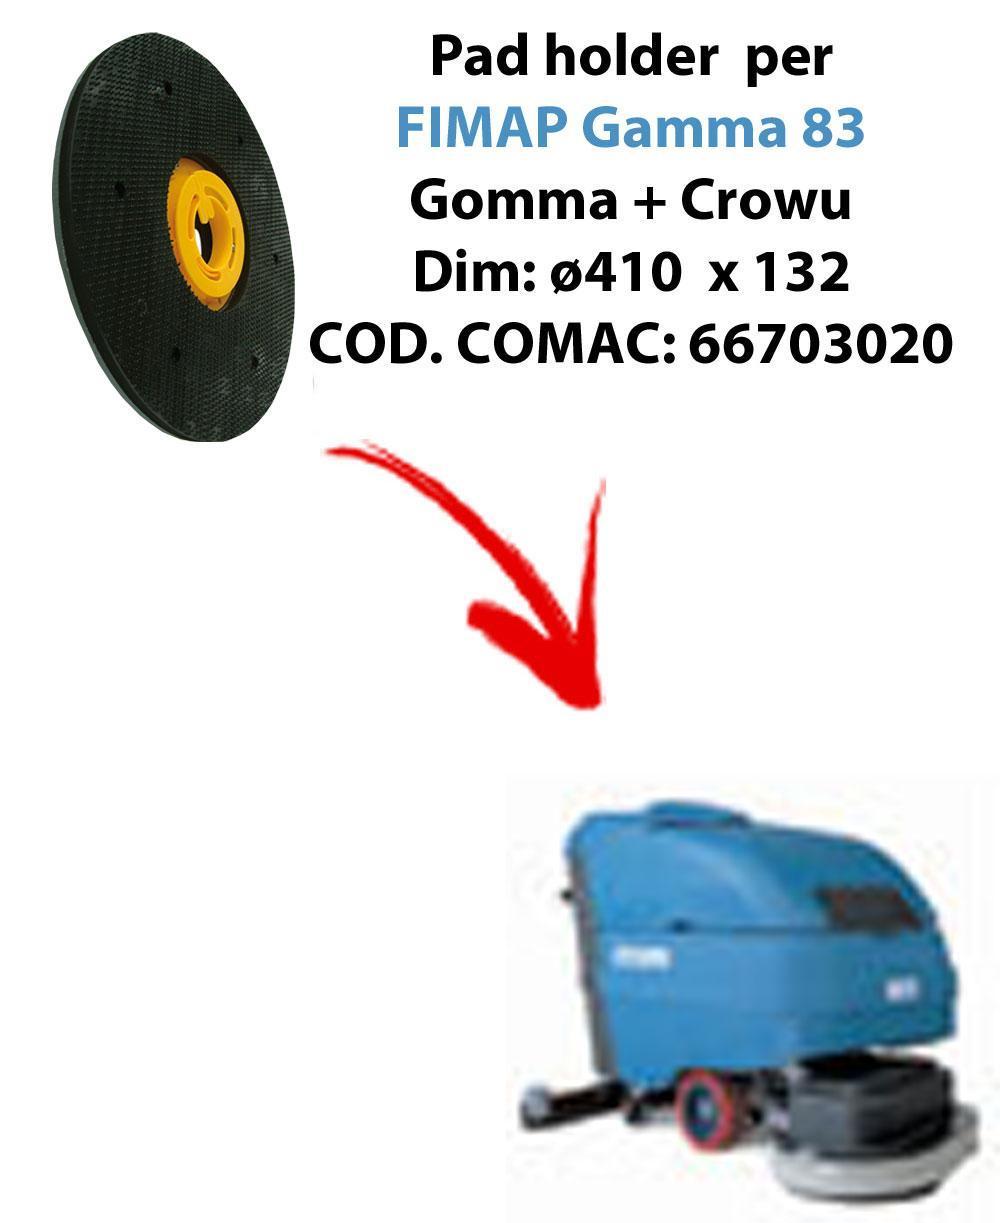 Gamma 83 (old version) Treiberteller für scheuersaugmaschinen FIMAP